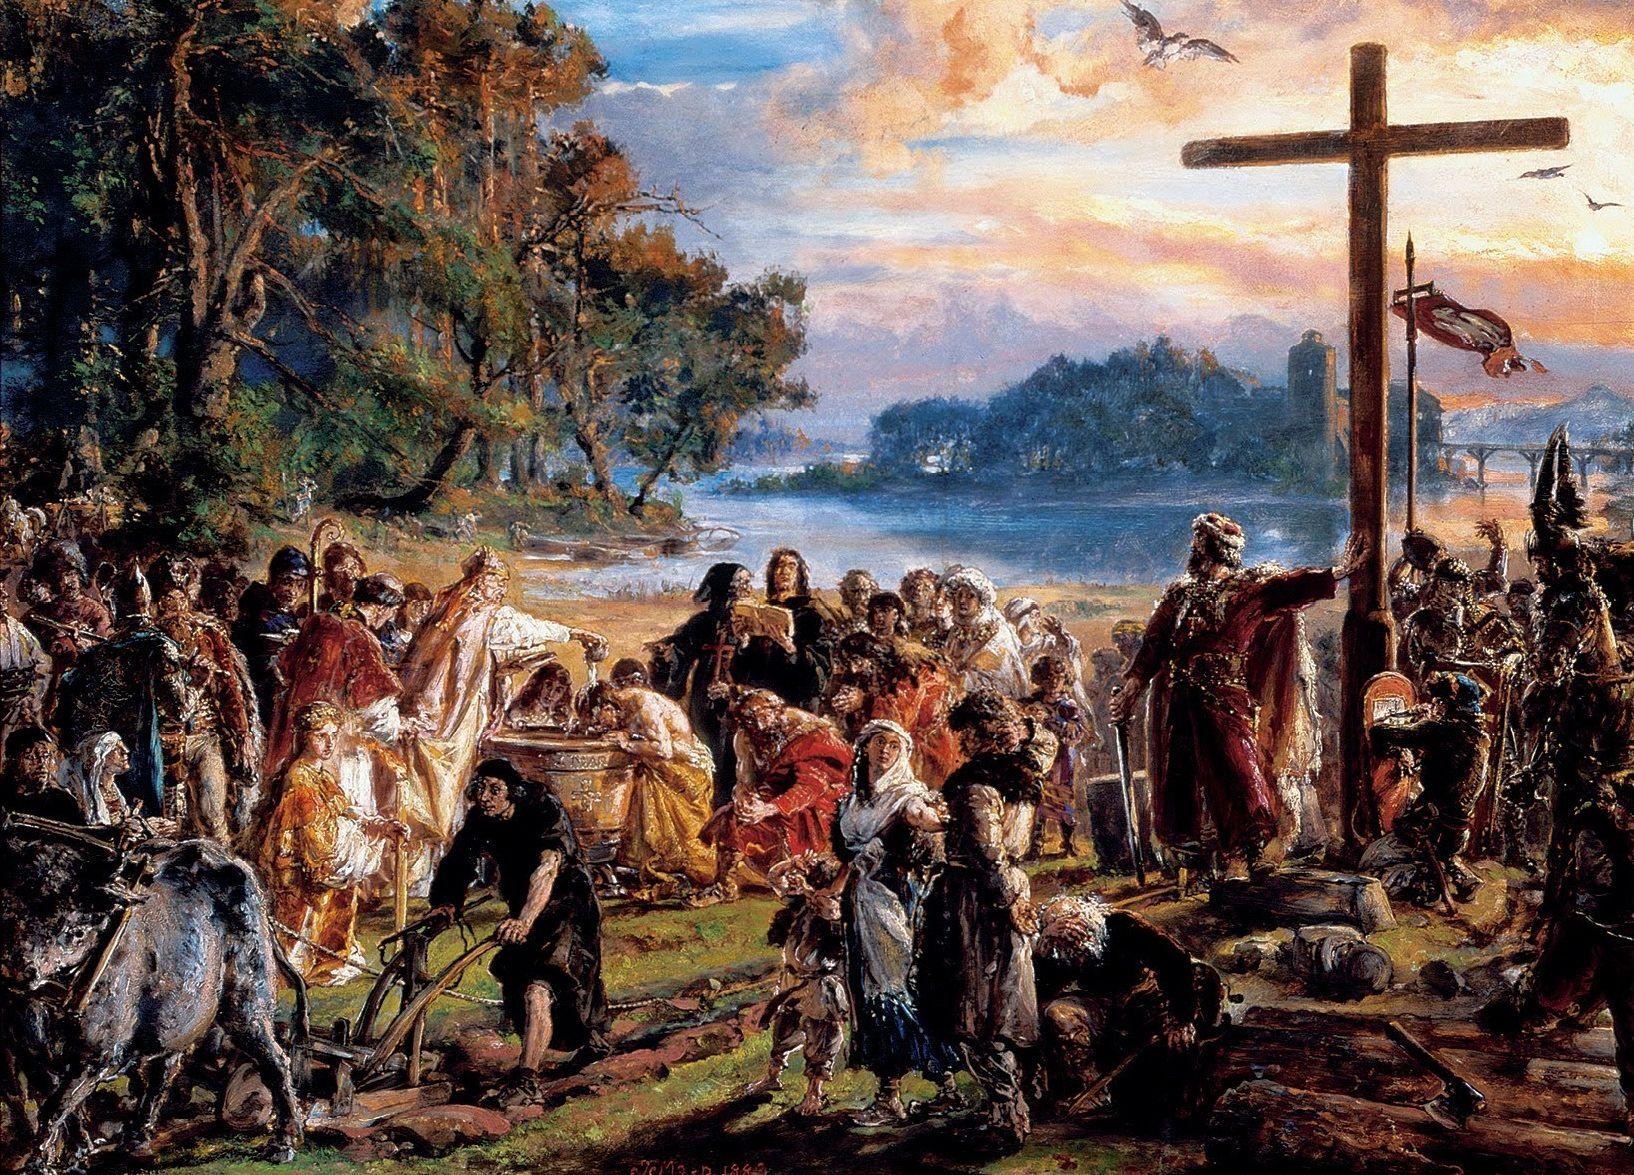 Jednak mimo trudów poniesionych przez chrześcijańskich misjonarzy nie udało się do końca wytępić tego typu praktyk